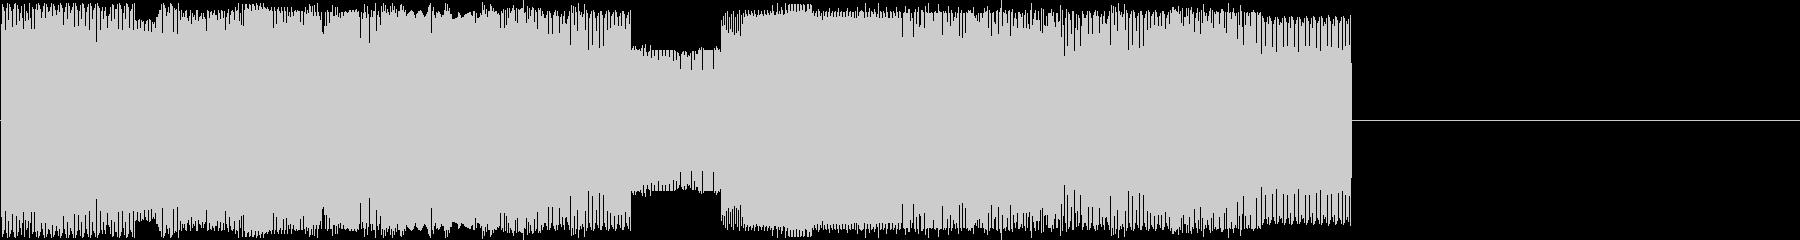 ファミコンサウンドの明るいファンファーレの未再生の波形